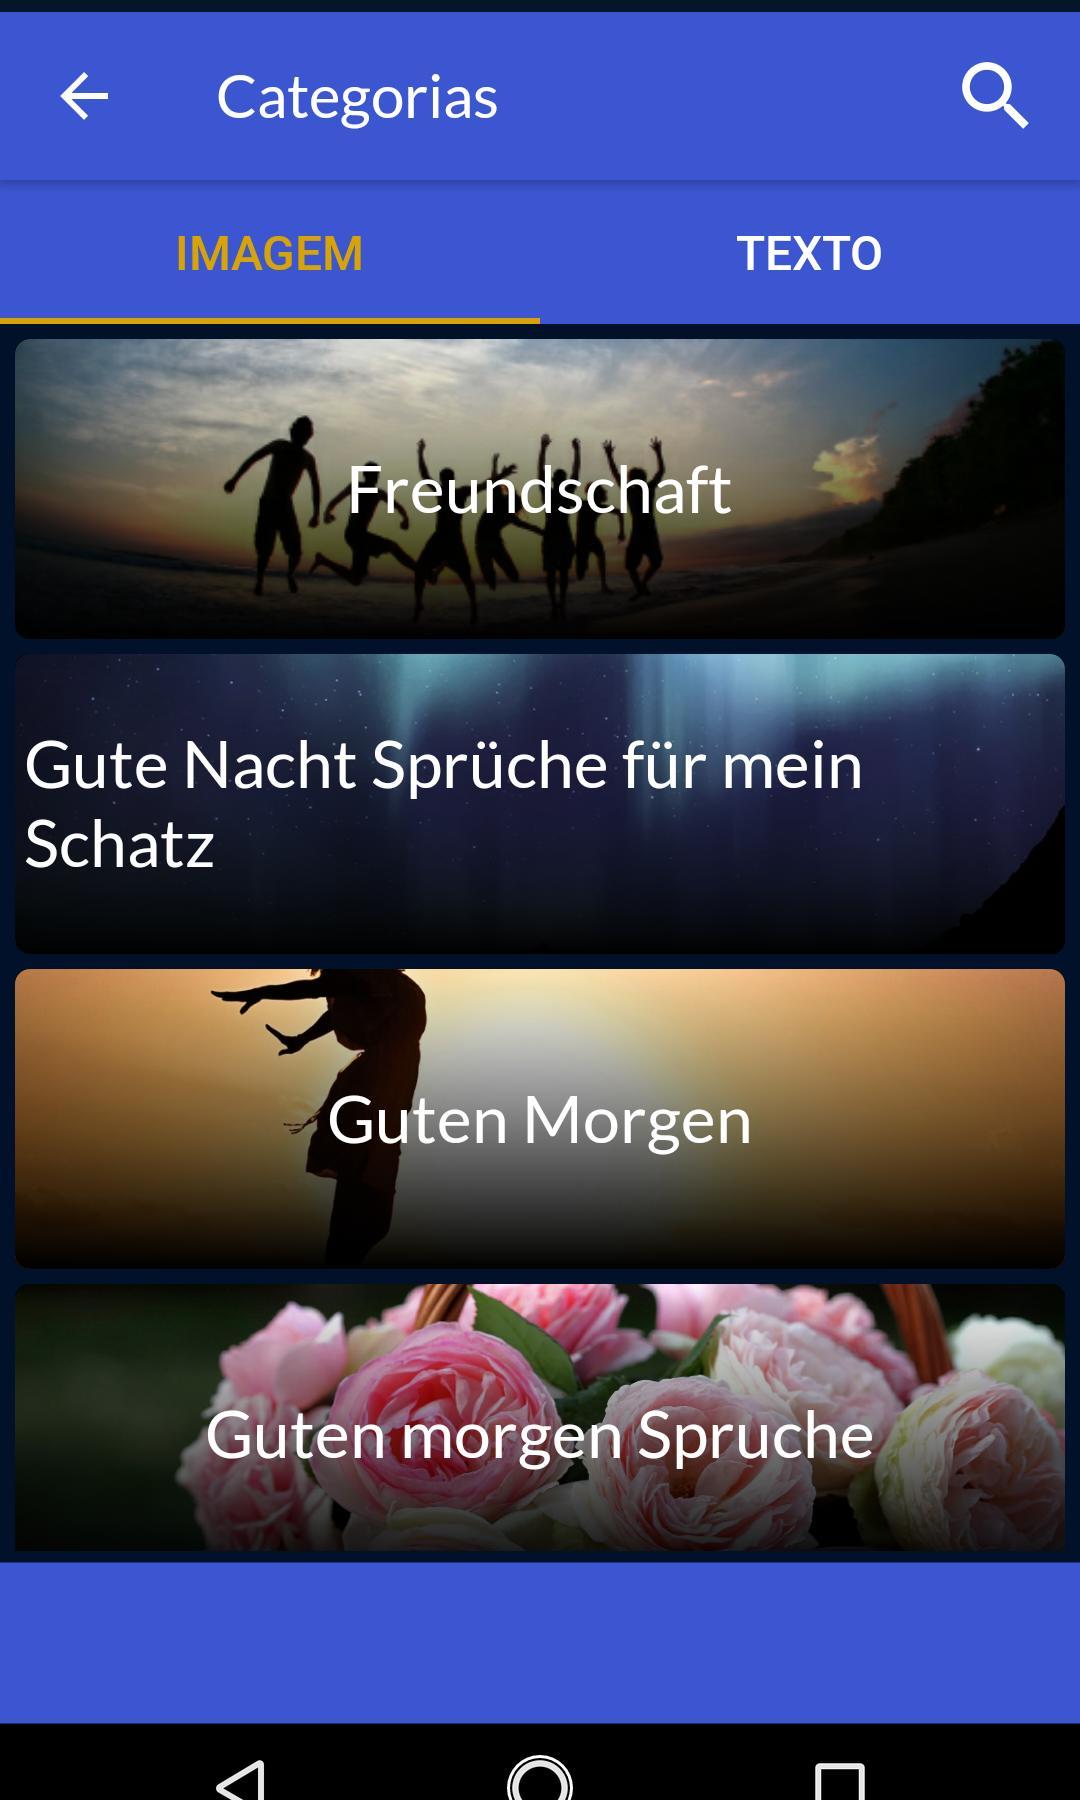 Bild Und Sms Guten Morgen Nachmittag Und Nacht For Android